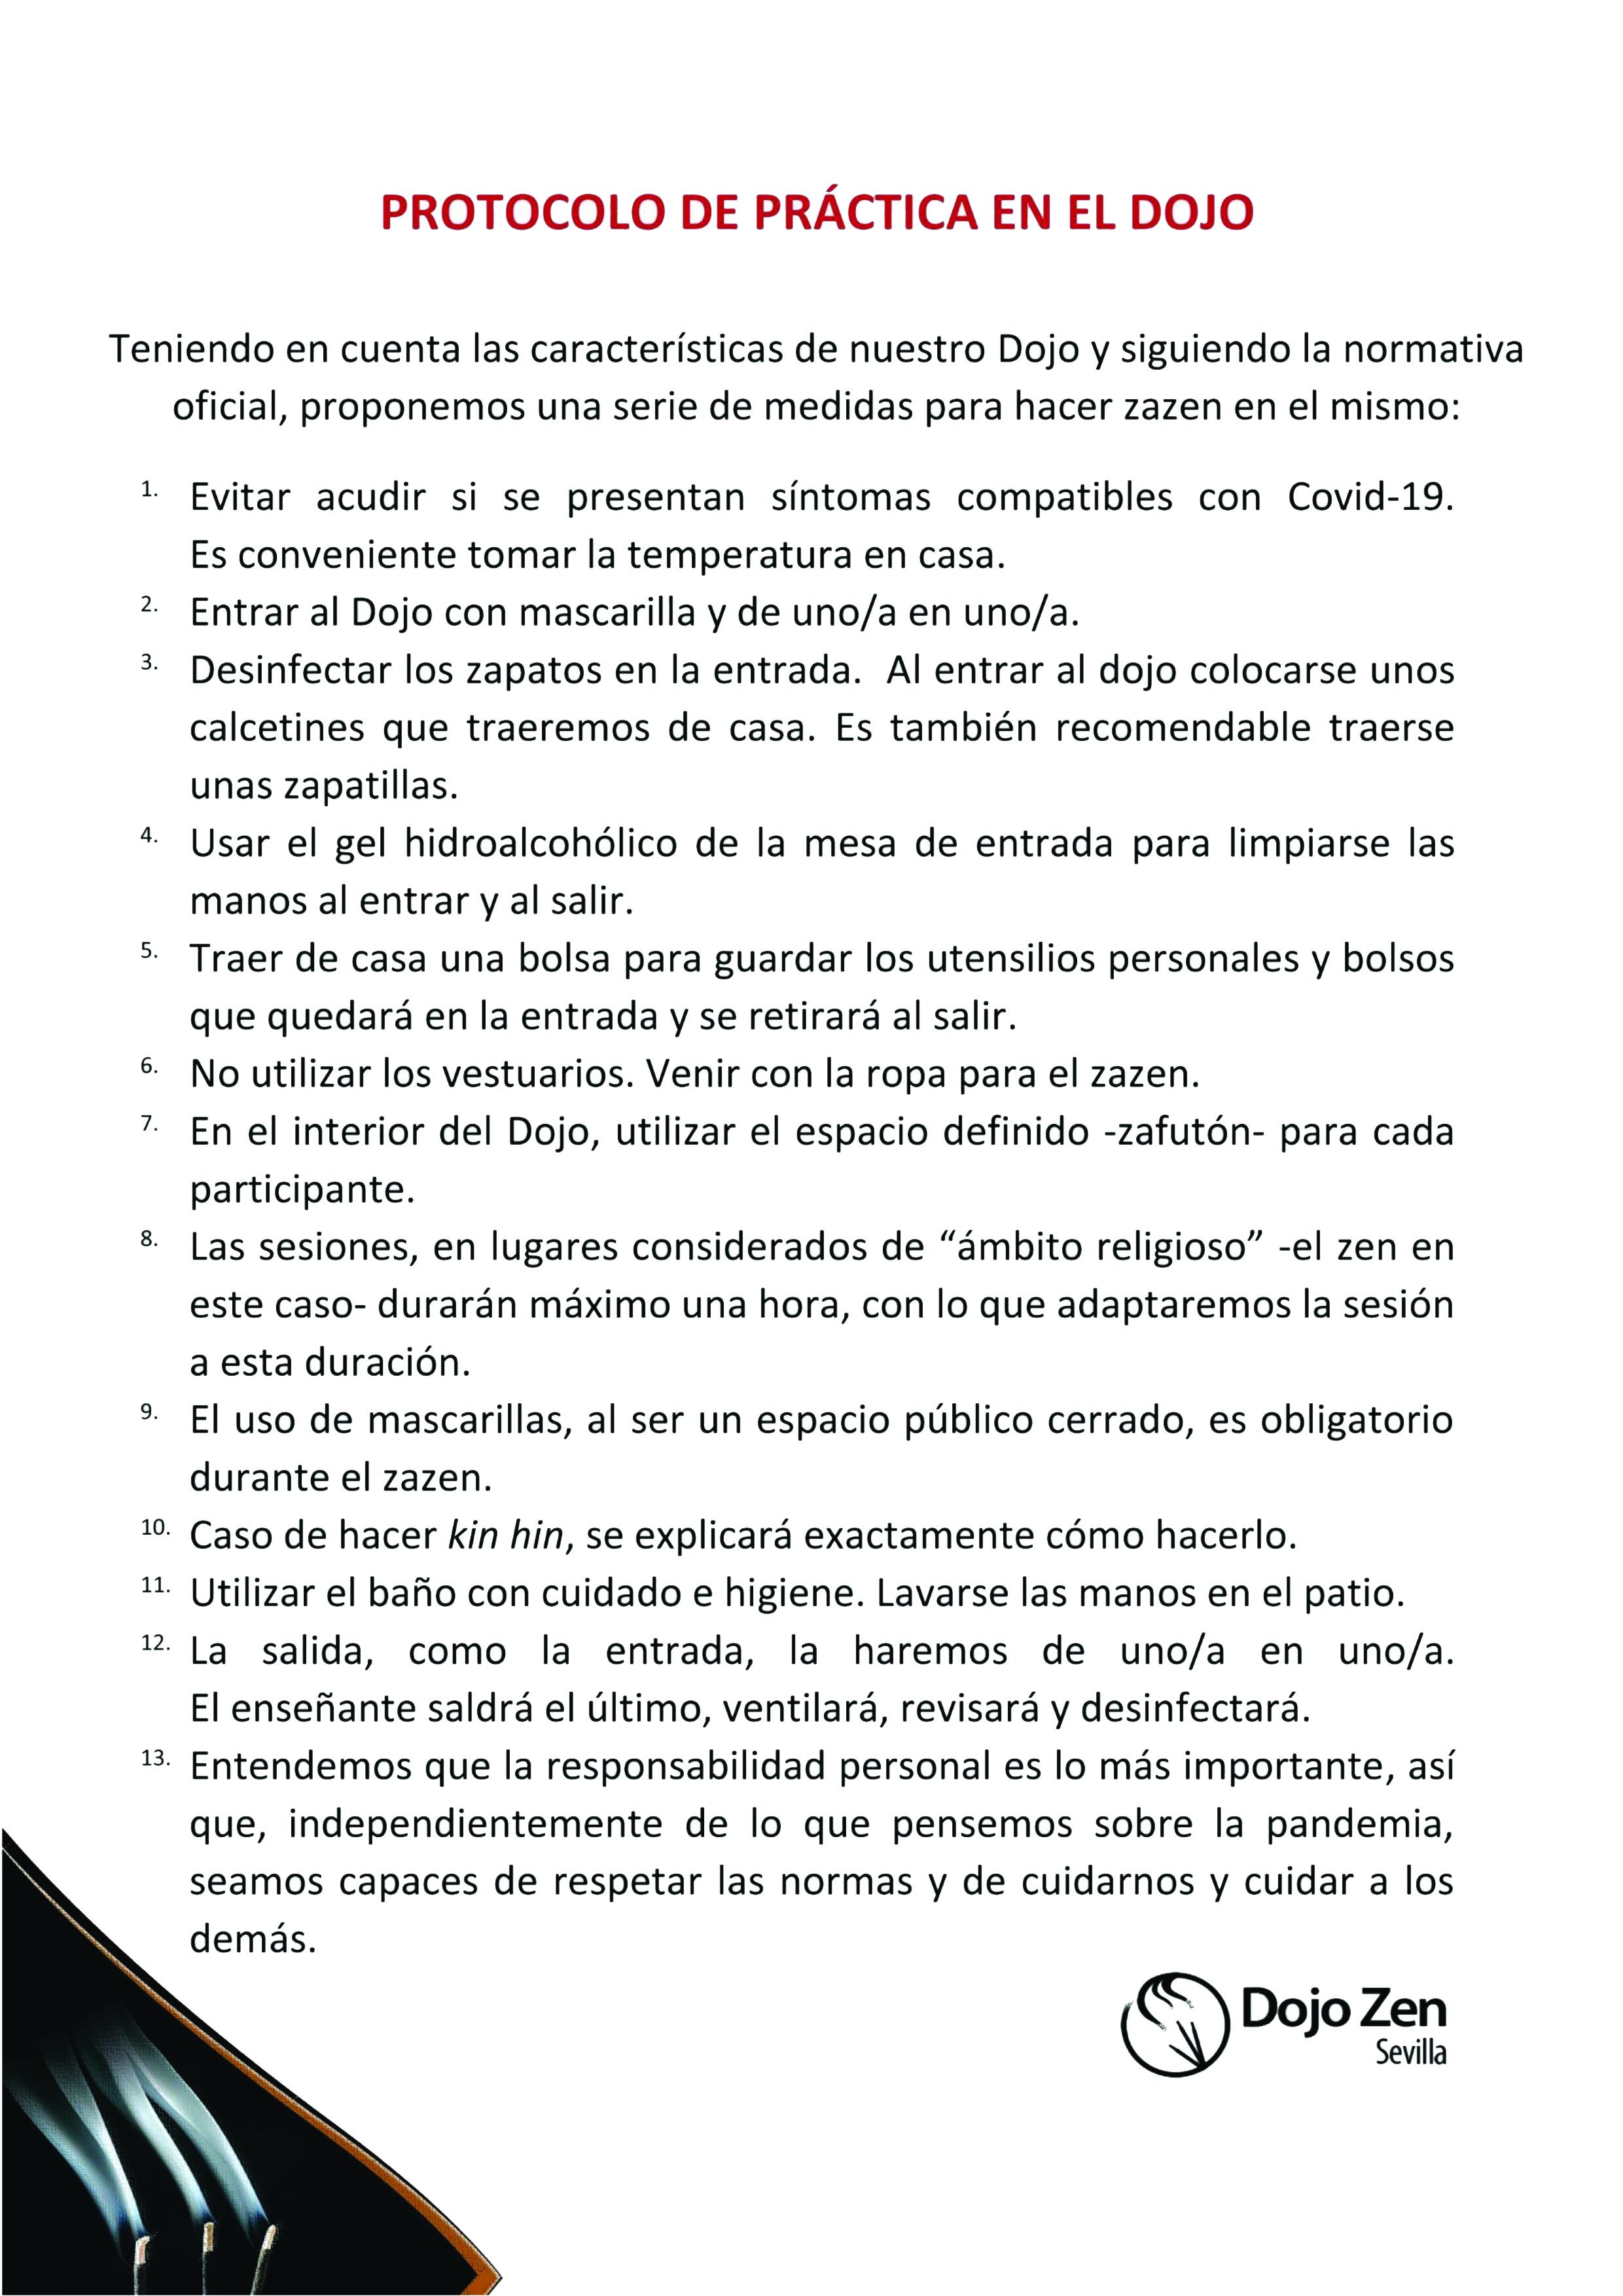 PROTOCOLO DE LA VUELTA AL DOJO_2